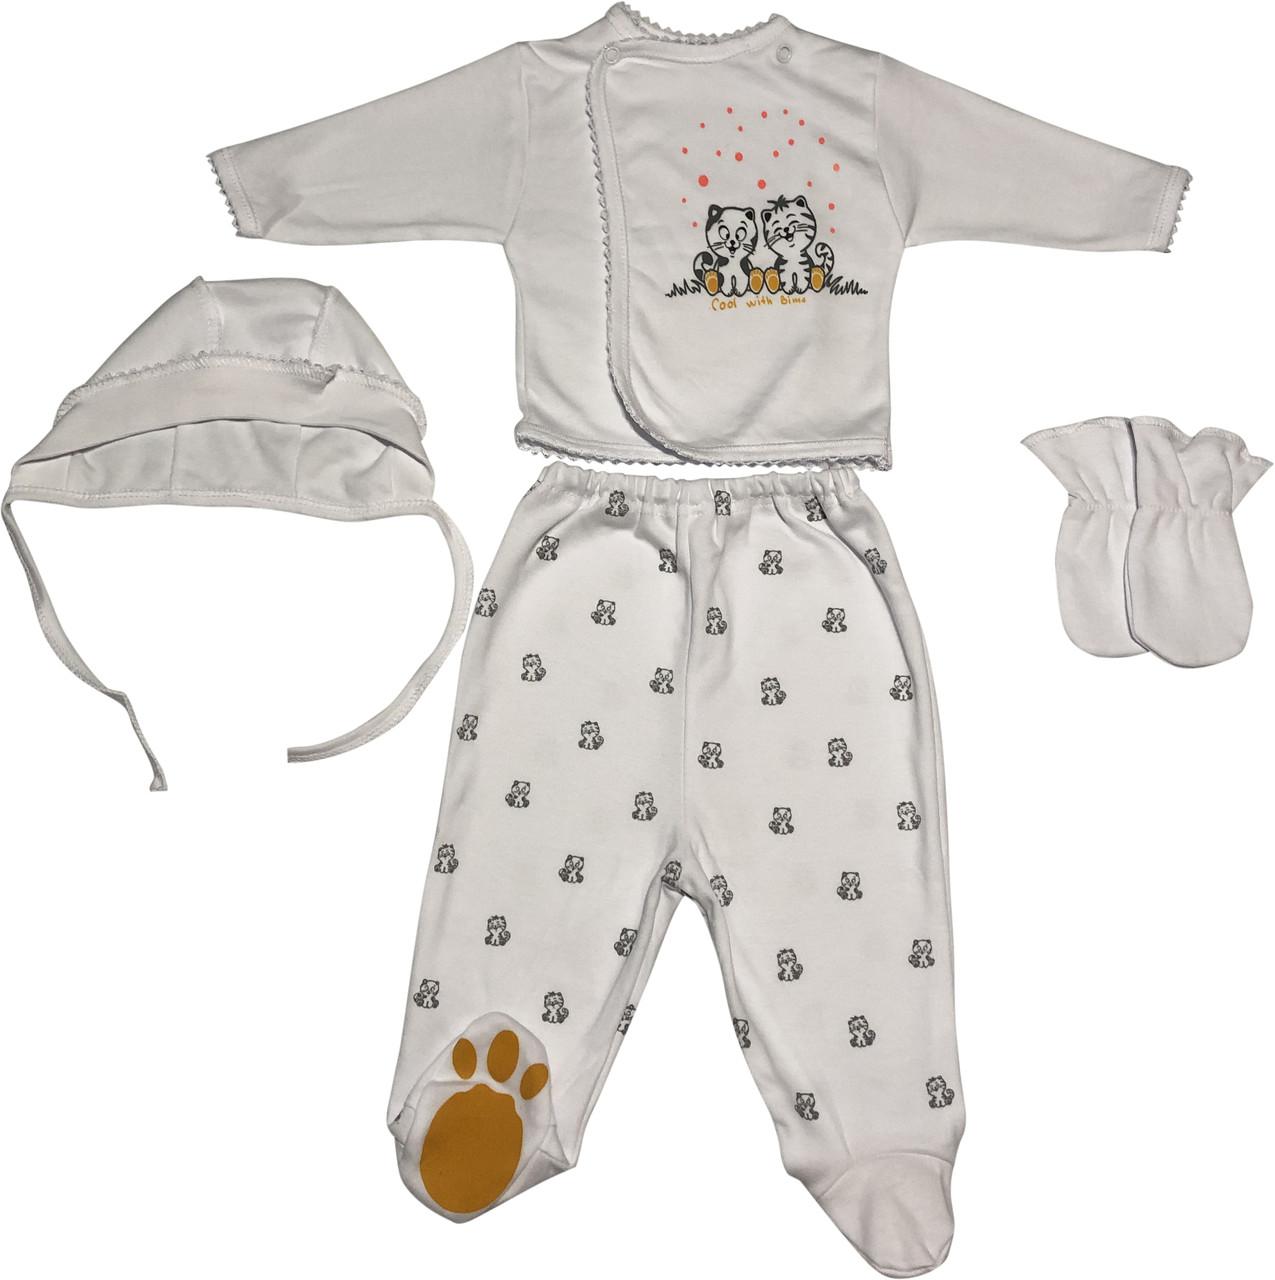 Дитячий костюм зростання 56 (0-2 міс.) інтерлок білий на дівчинку (комплект на виписку) для новонароджених